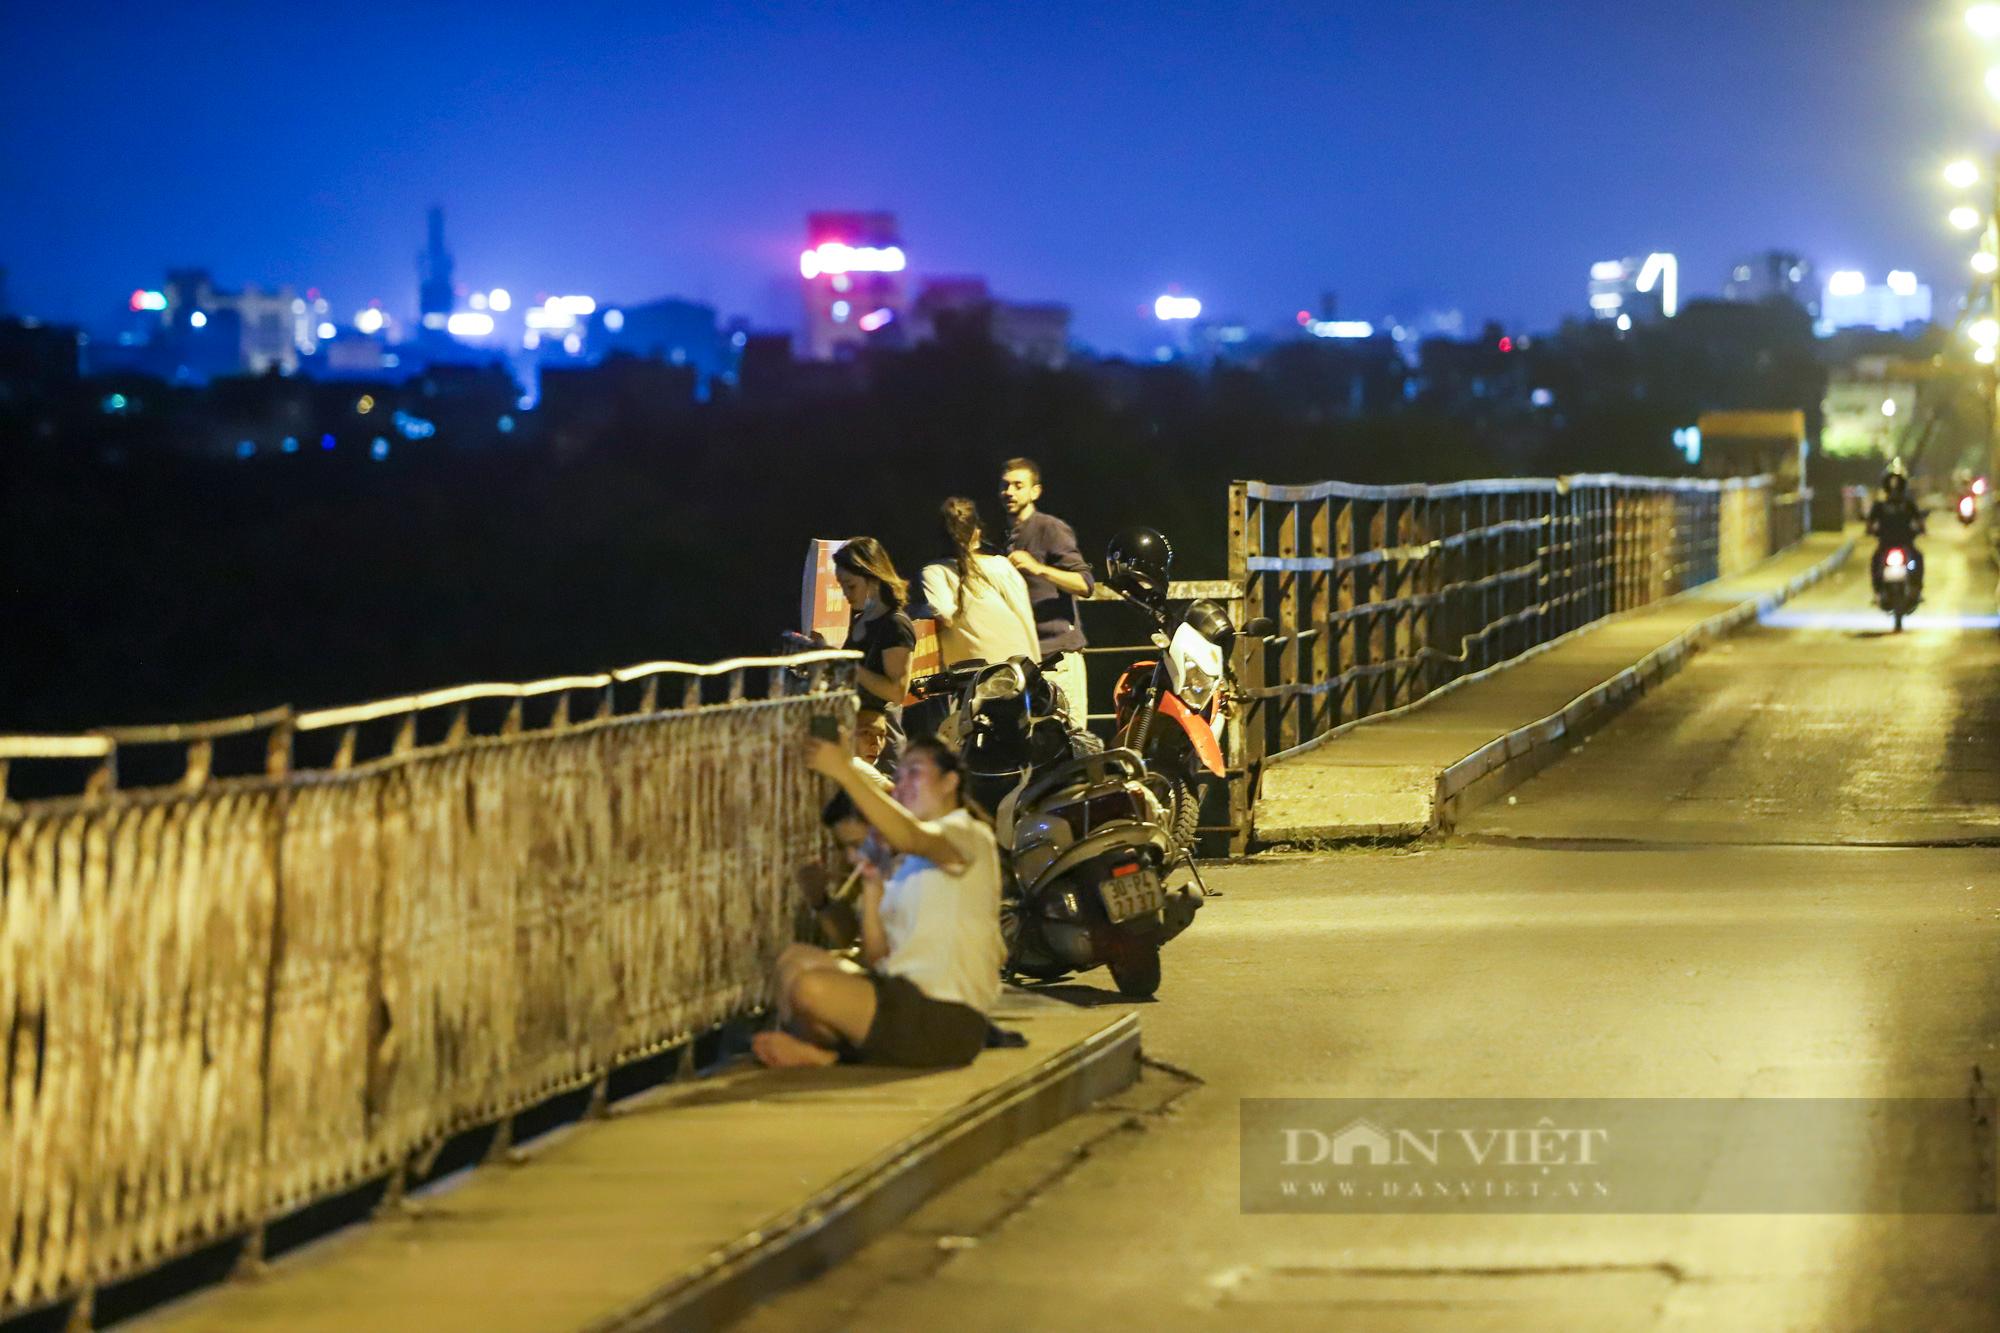 Cầu Long Biên đông đúc người hóng gió, bất chấp lệnh giãn cách xã hội - Ảnh 3.